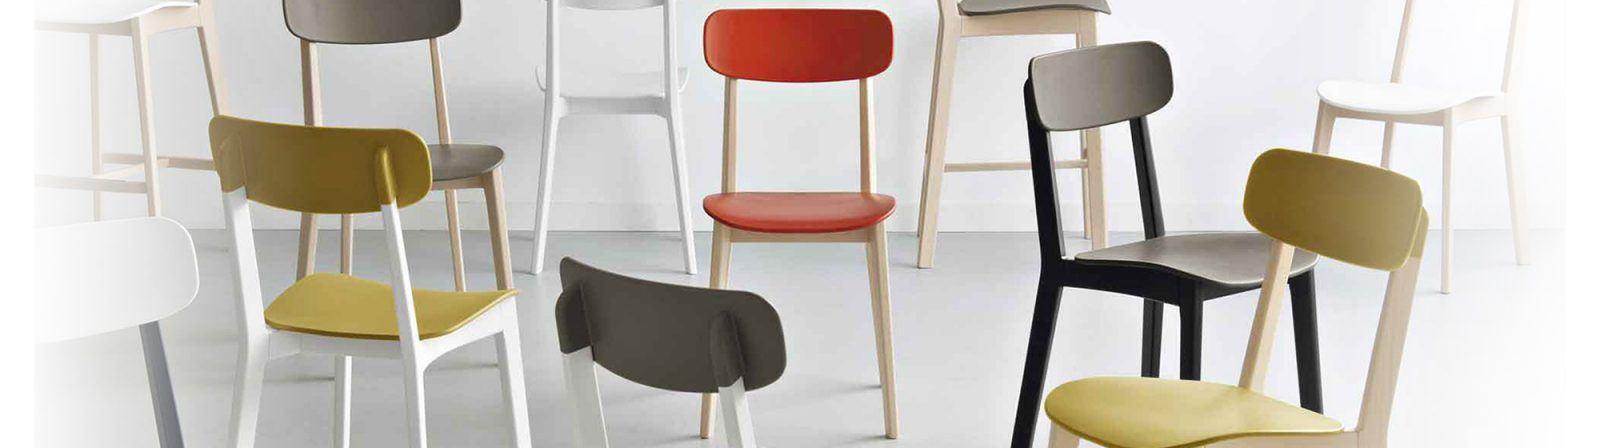 outlet di sedie di design a padova sedie calligaris